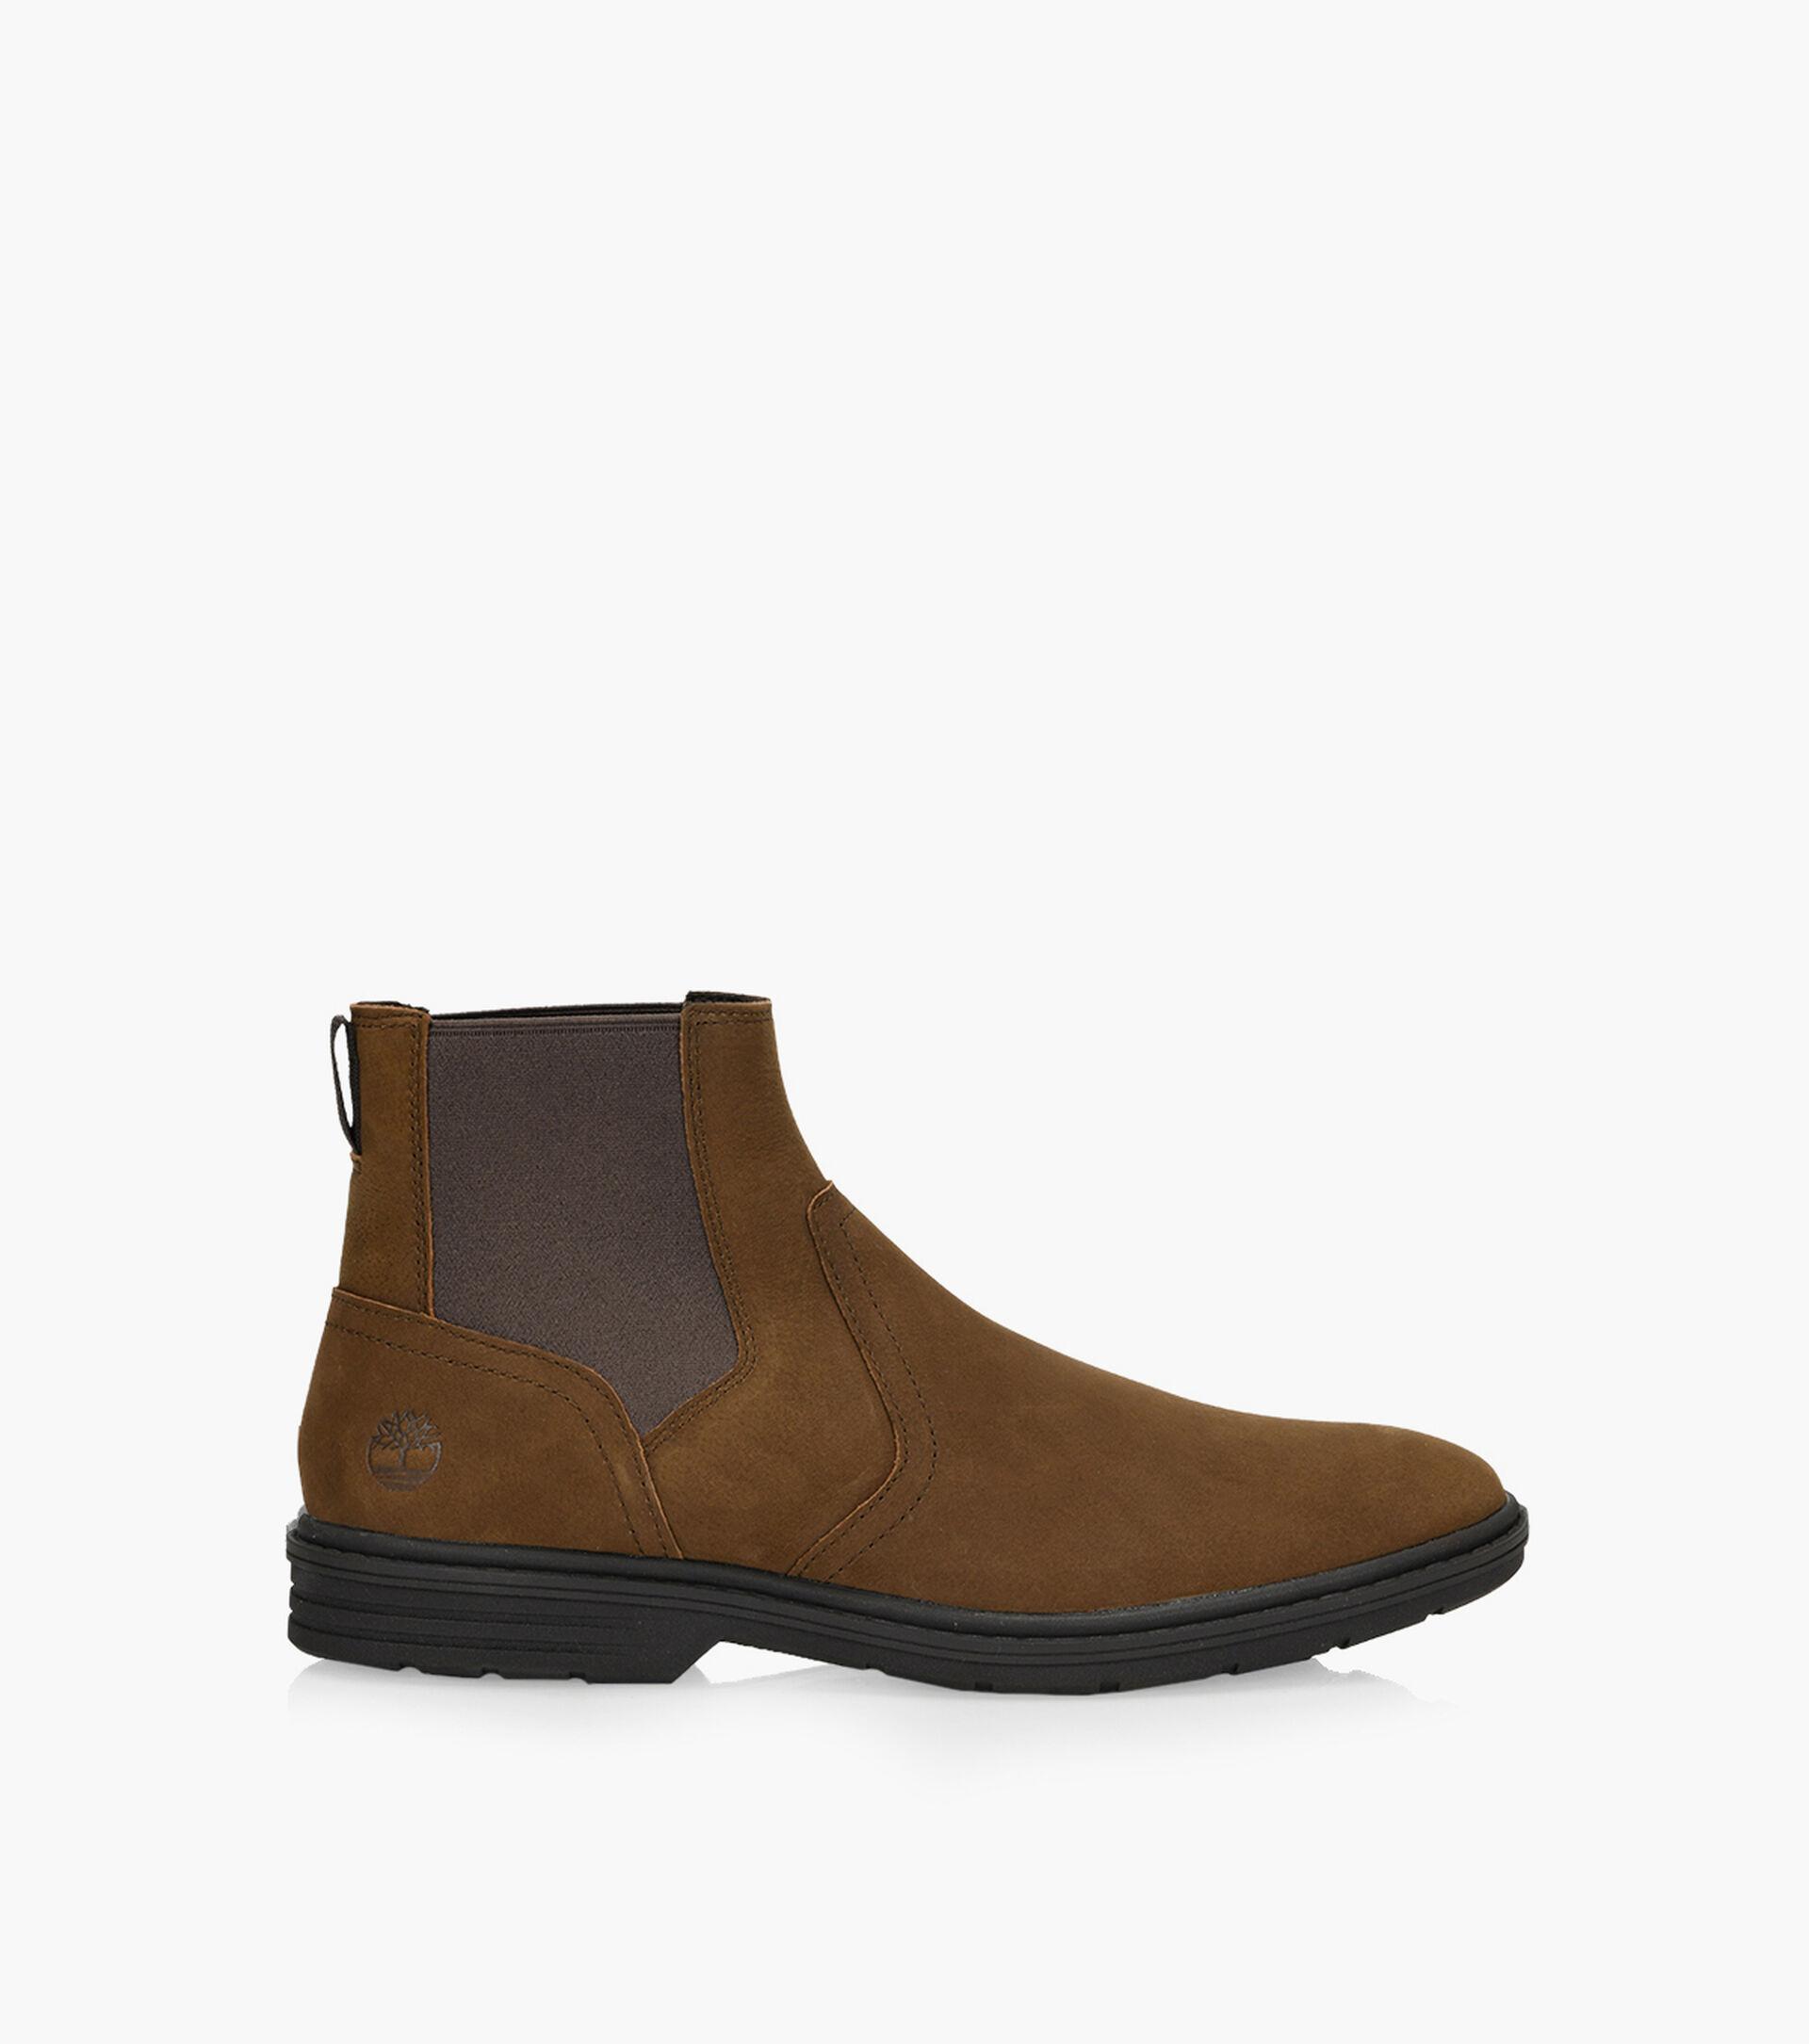 Fraternidad oportunidad dentro de poco  TIMBERLAND SAWYER LANE CHELSEA - Nubuck   Browns Shoes